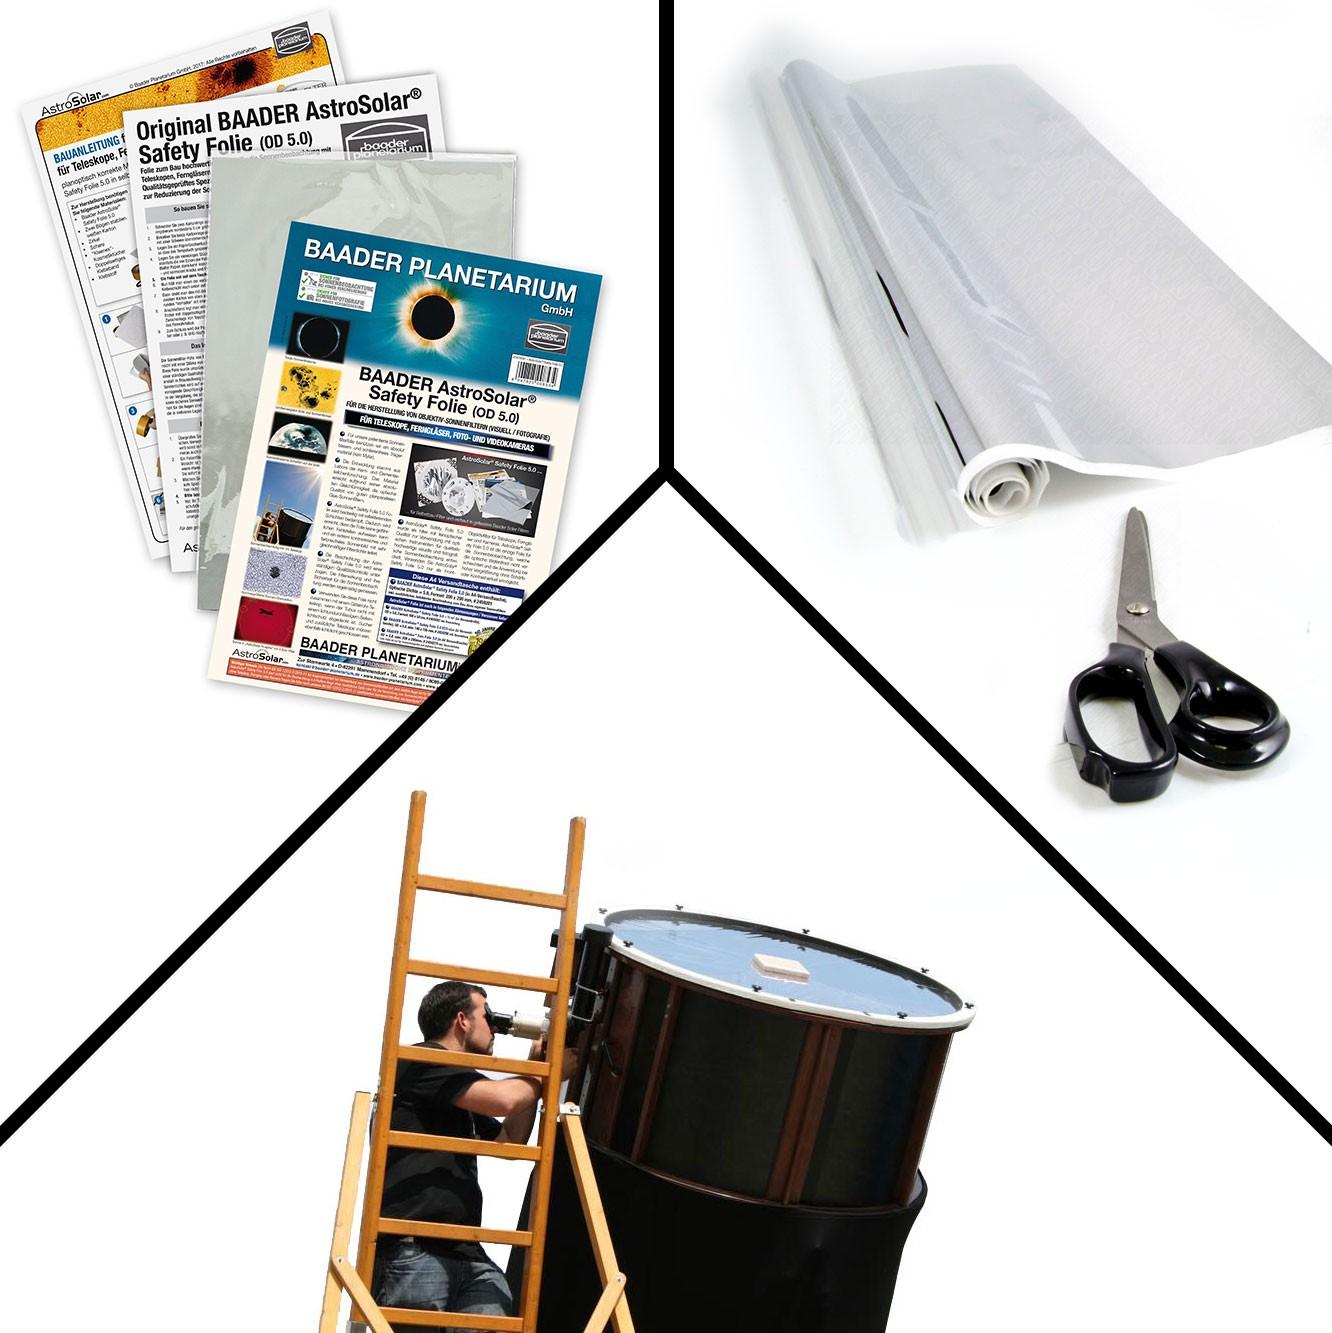 AstroSolar® Safety Folie 5.0 (20x29, 100x50, 117x117cm)